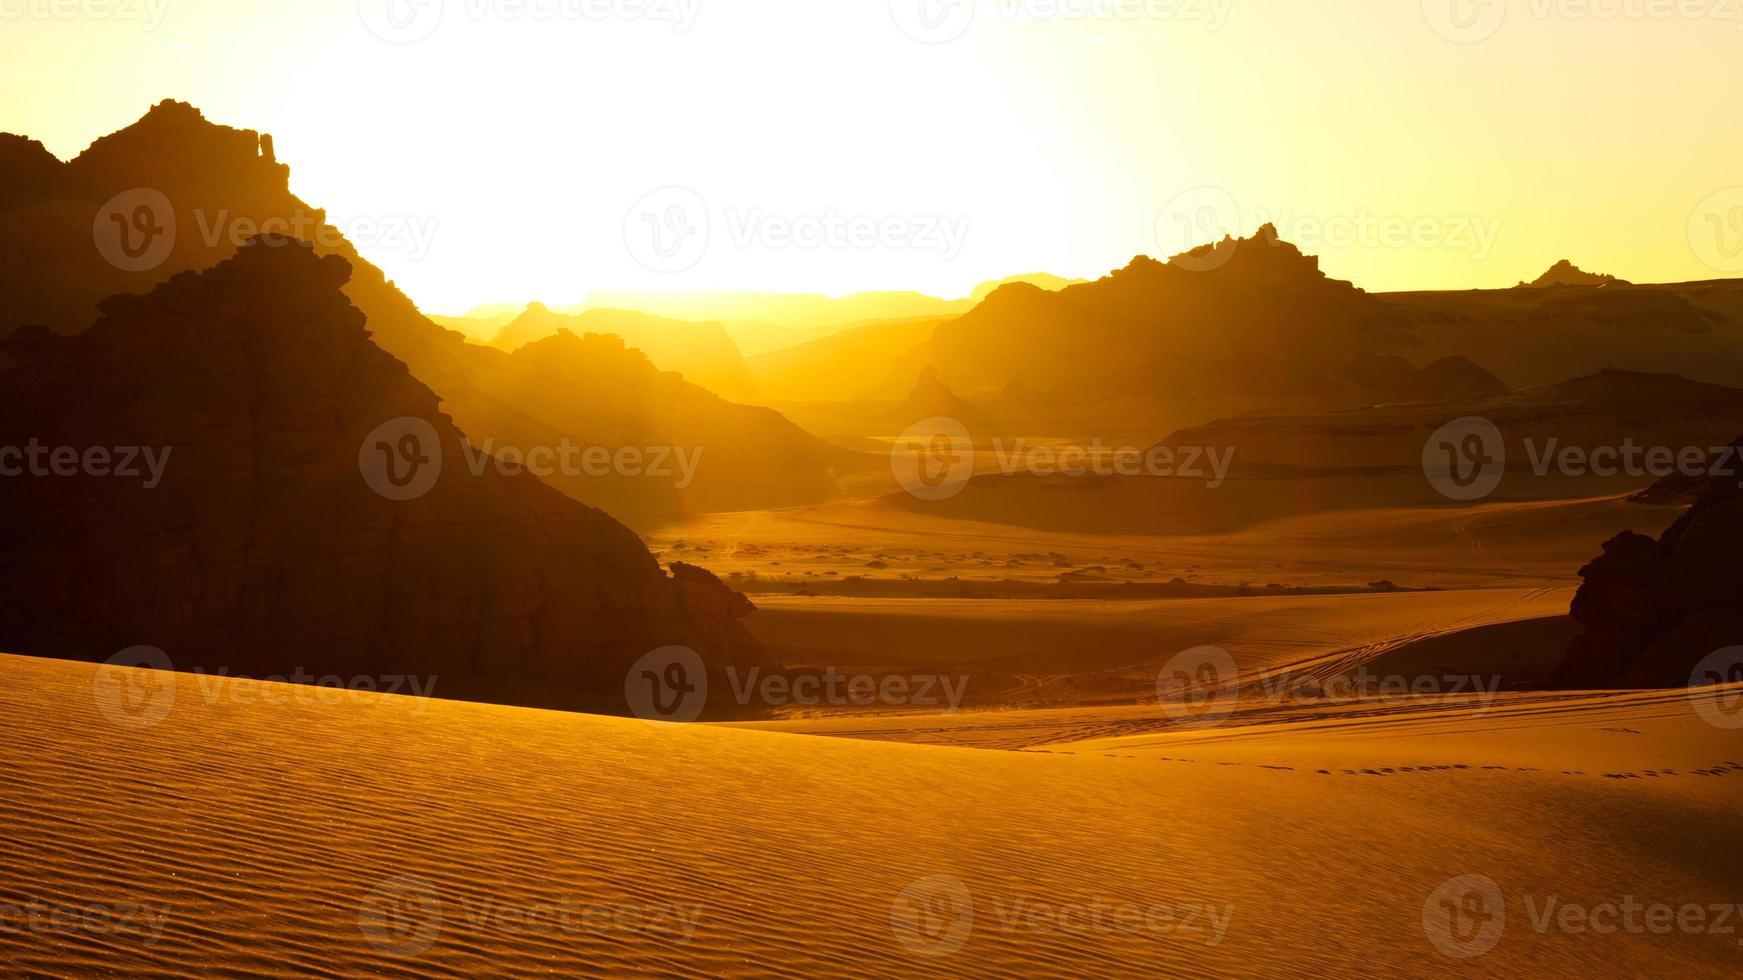 Akakus (Acacus) montañas, Sahara, Libia al amanecer. foto